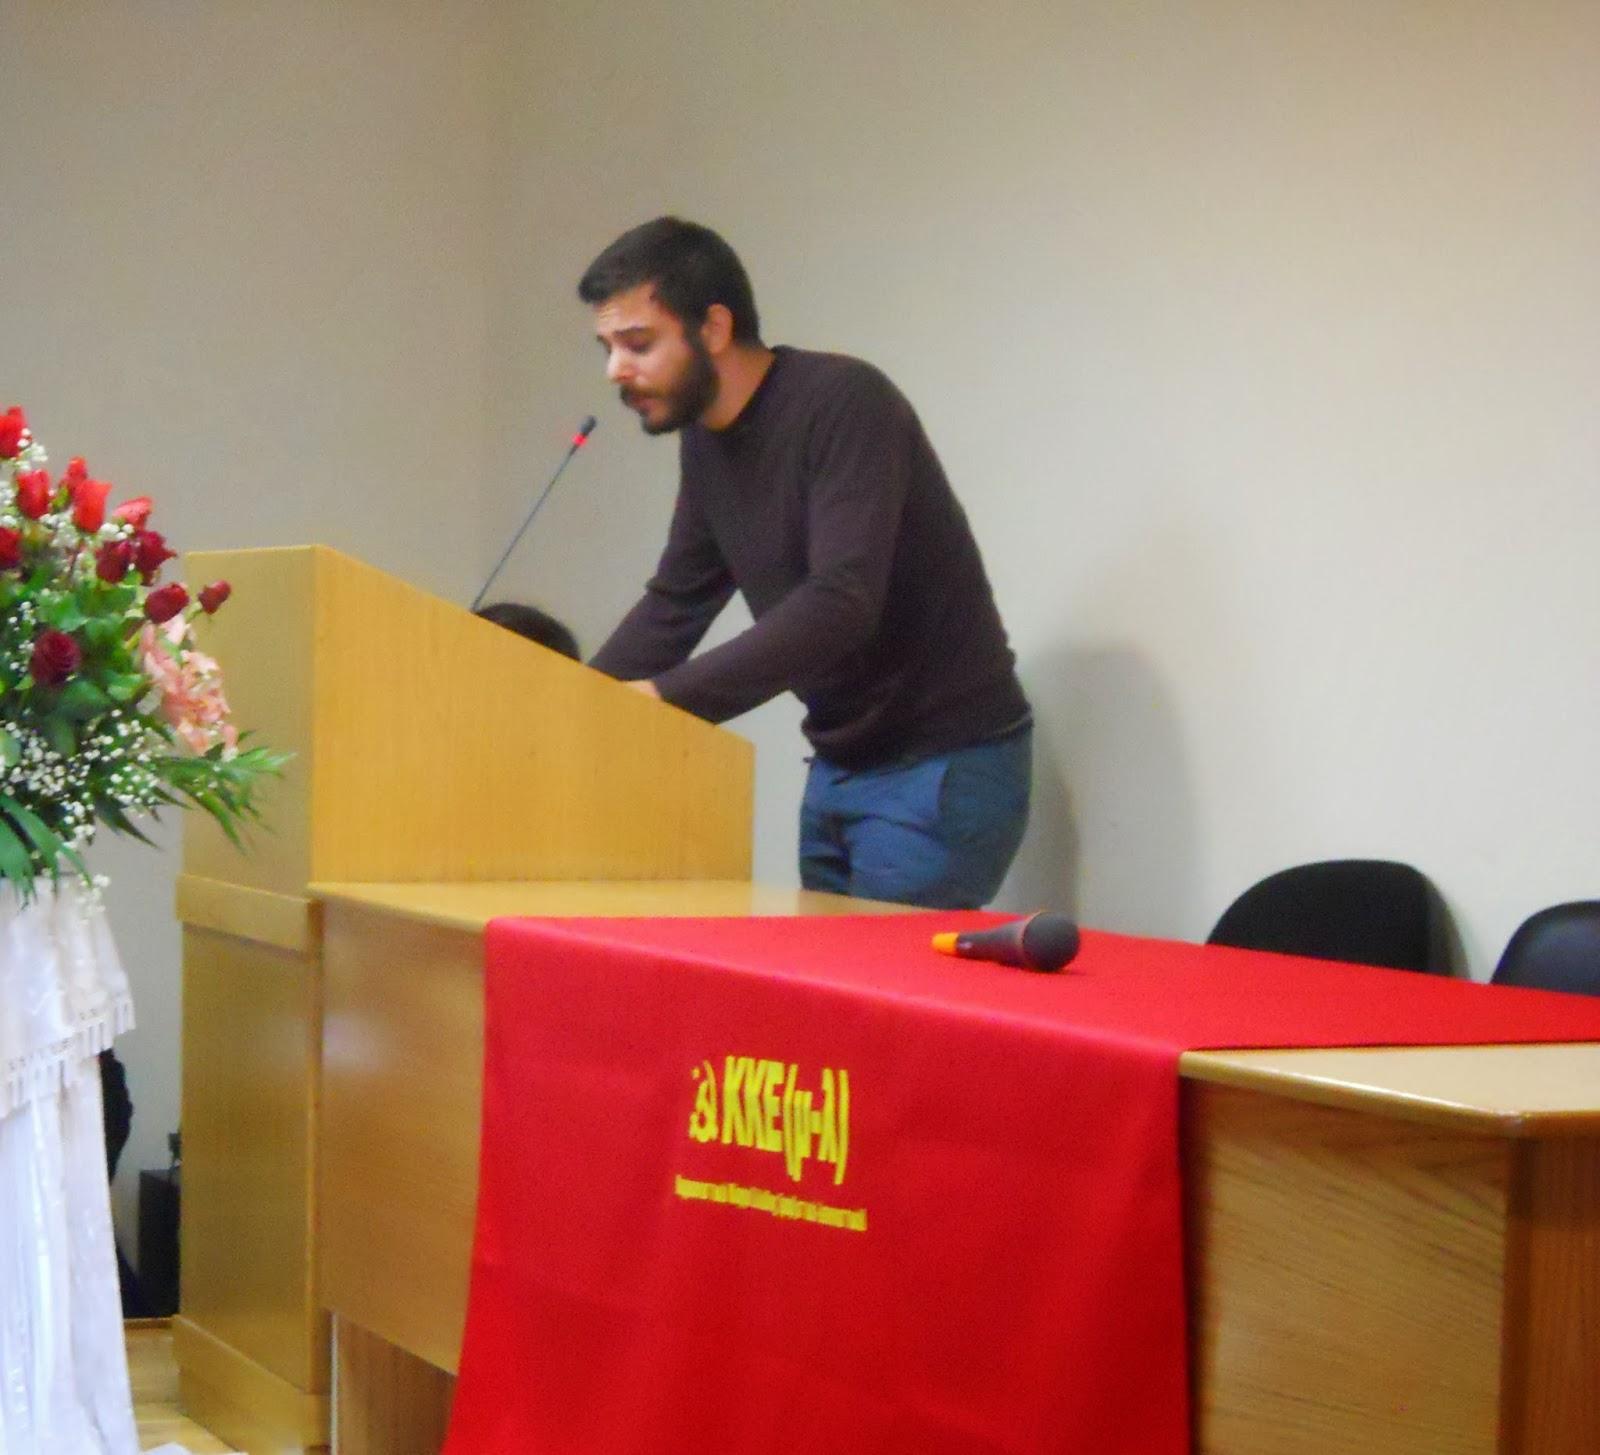 """Δ. Χαρτζουλάκης εκ μέρους των νέων του ΚΚΕ(μ-λ): """"Ο Ηλίας Καμαρέτσος, πηγή έμπνευσης για τους αγώνες μας!"""""""